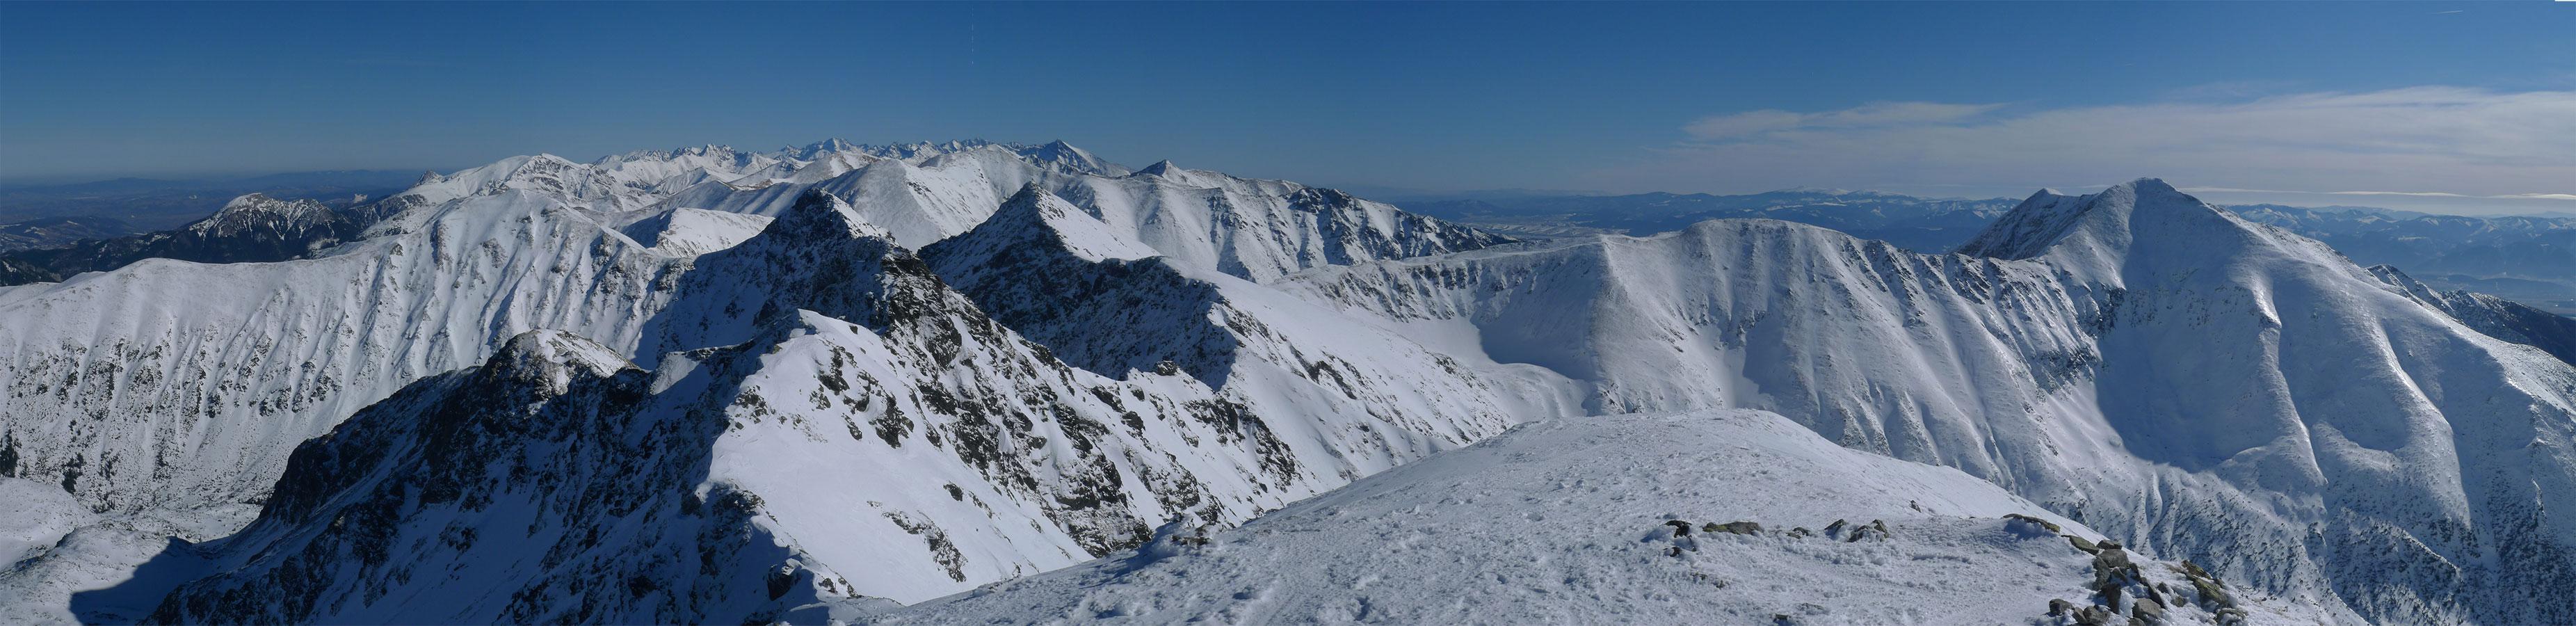 Hrubá kopa via Lúčne sedlo Západné Tatry Slowakei panorama 20